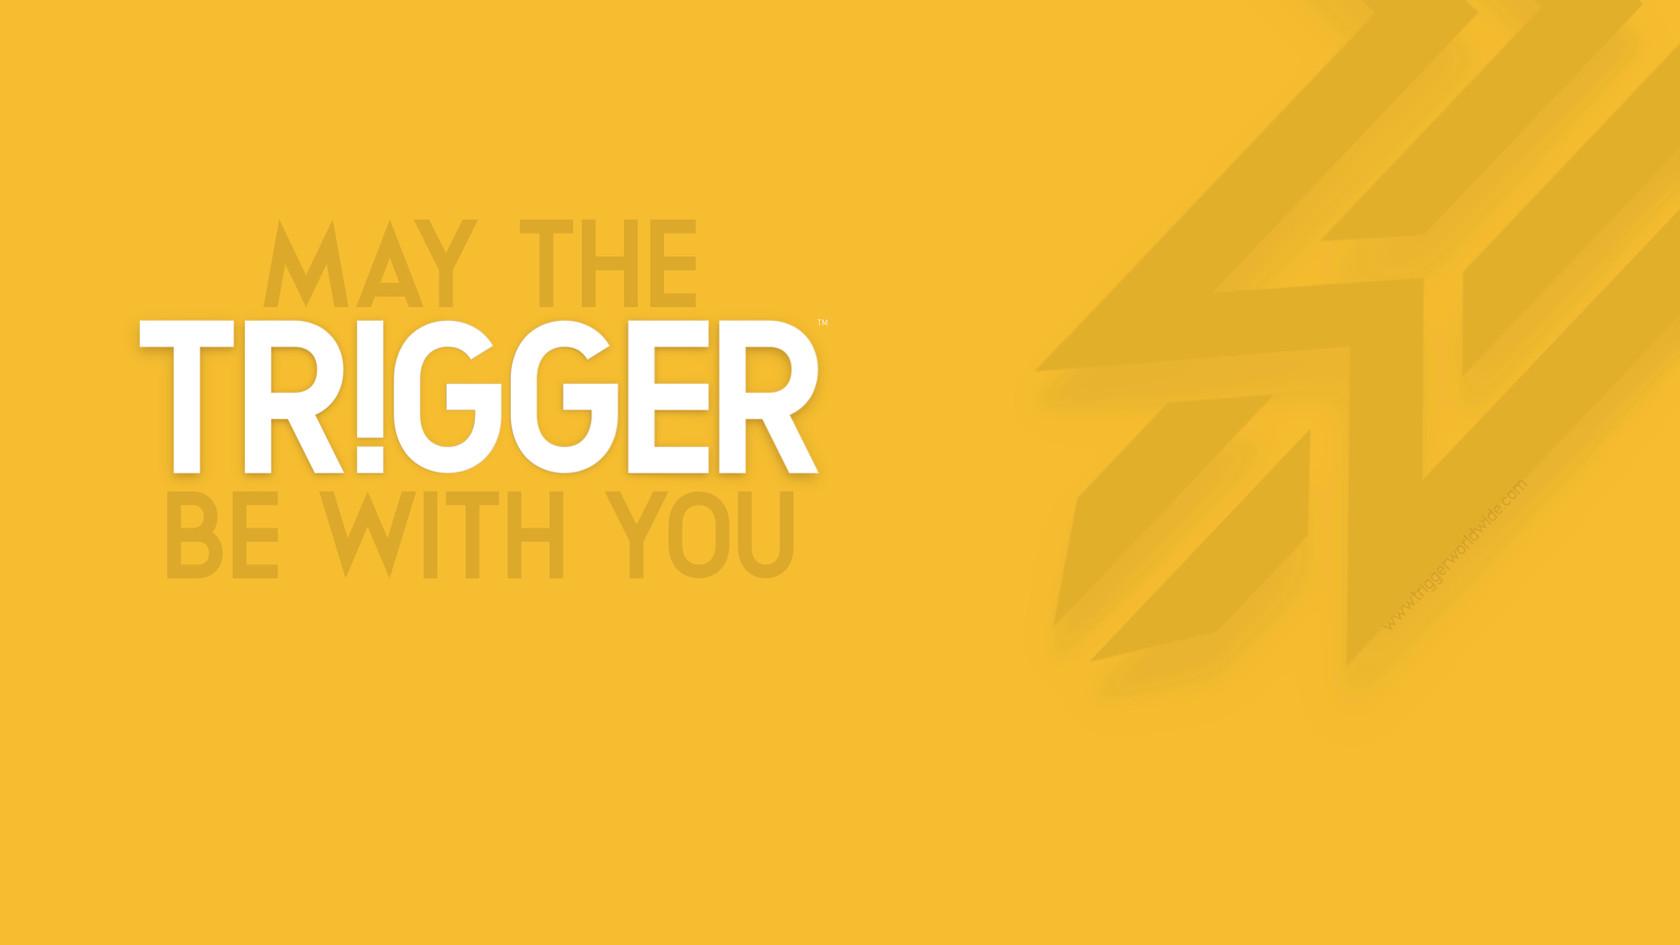 Trigger WallPaper Typo 2.jpg